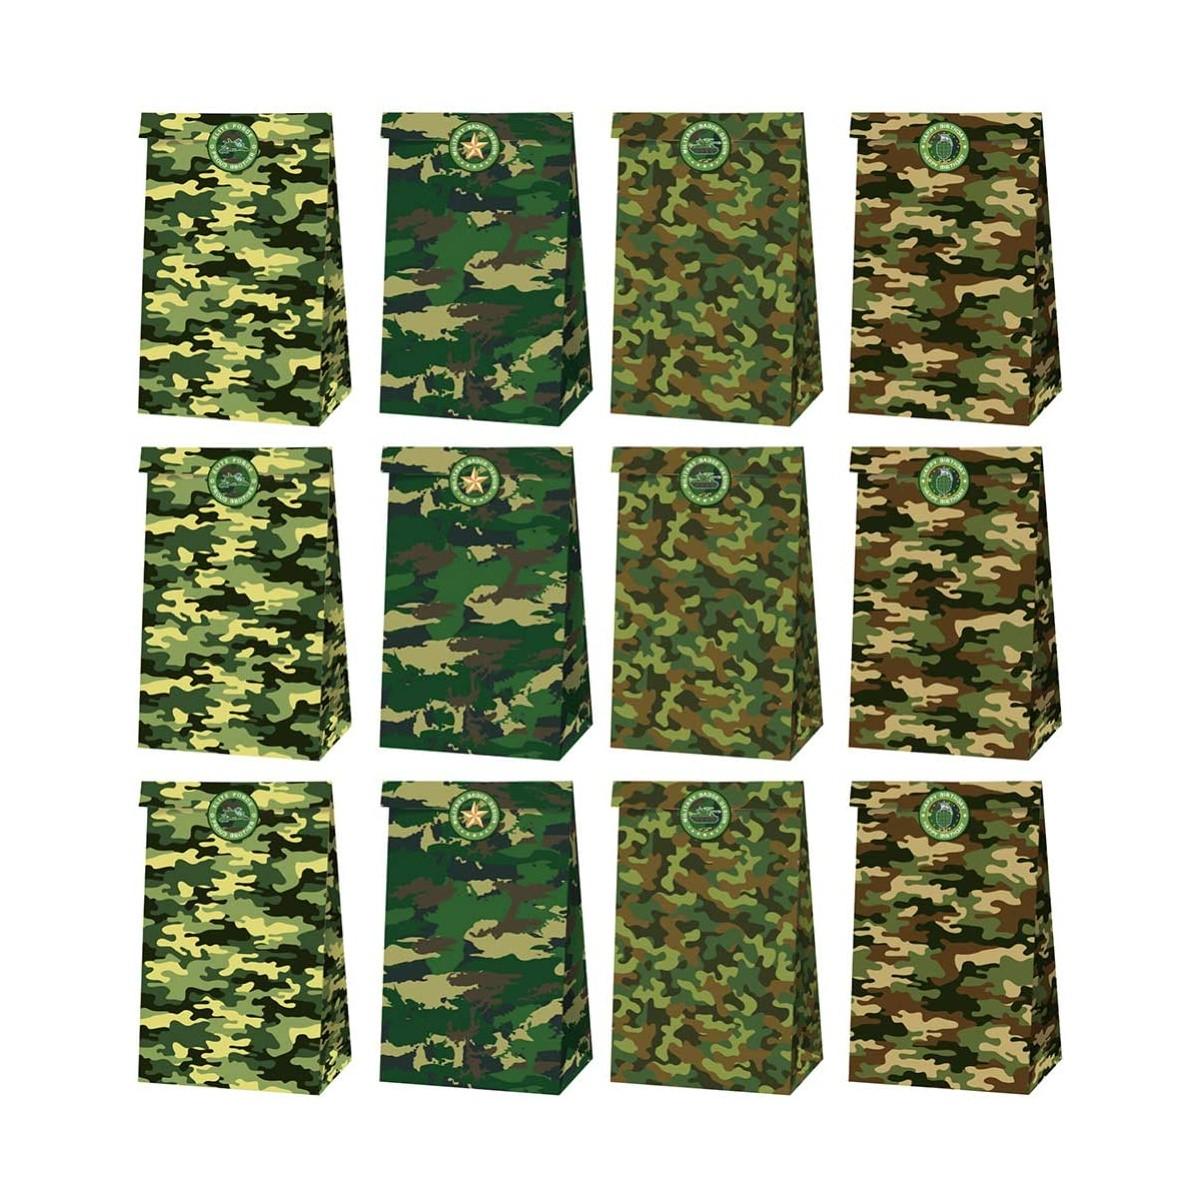 Set da12 sacchetti per Caramelle a Tema Militare, con 18 adesivi camuflage